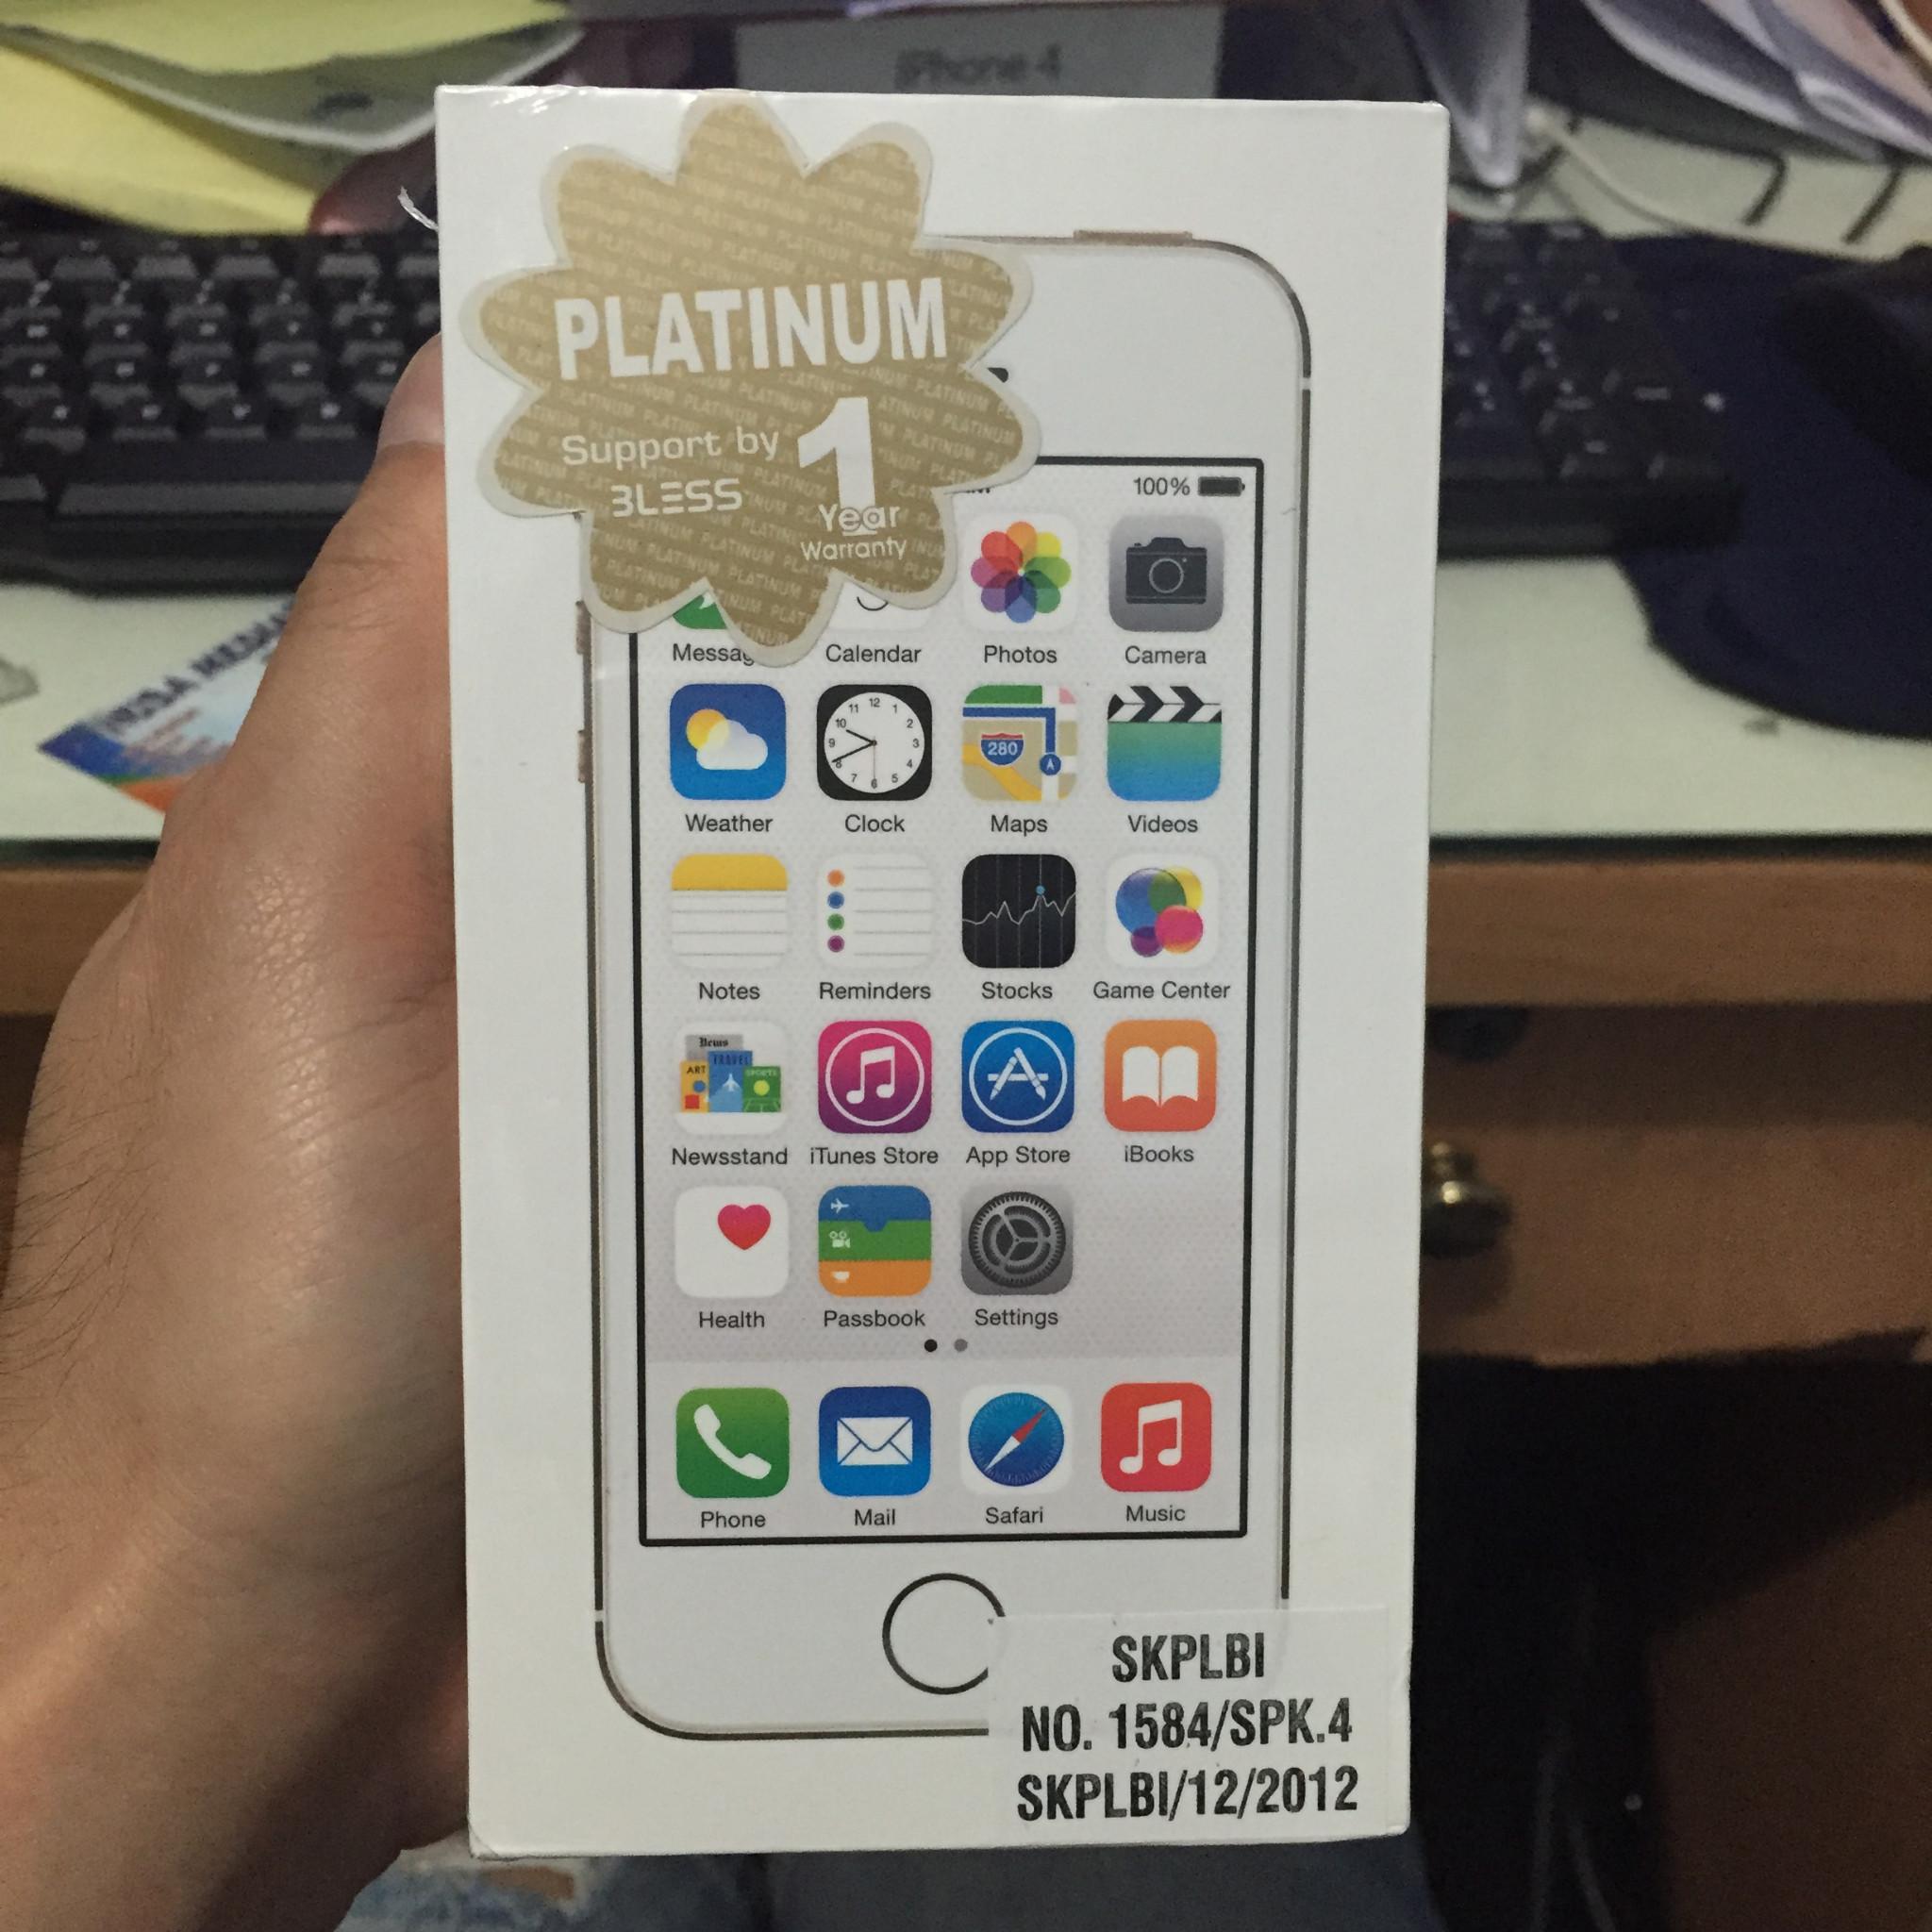 Iphone 6 16gb Garansi Internasional Daftar Harga Terbaru Dan Hot Priceiphone 7 Plus 128gb Black Bnib 1 Tahun Apple Fu Ori Non Aktifiphone 5s Gold